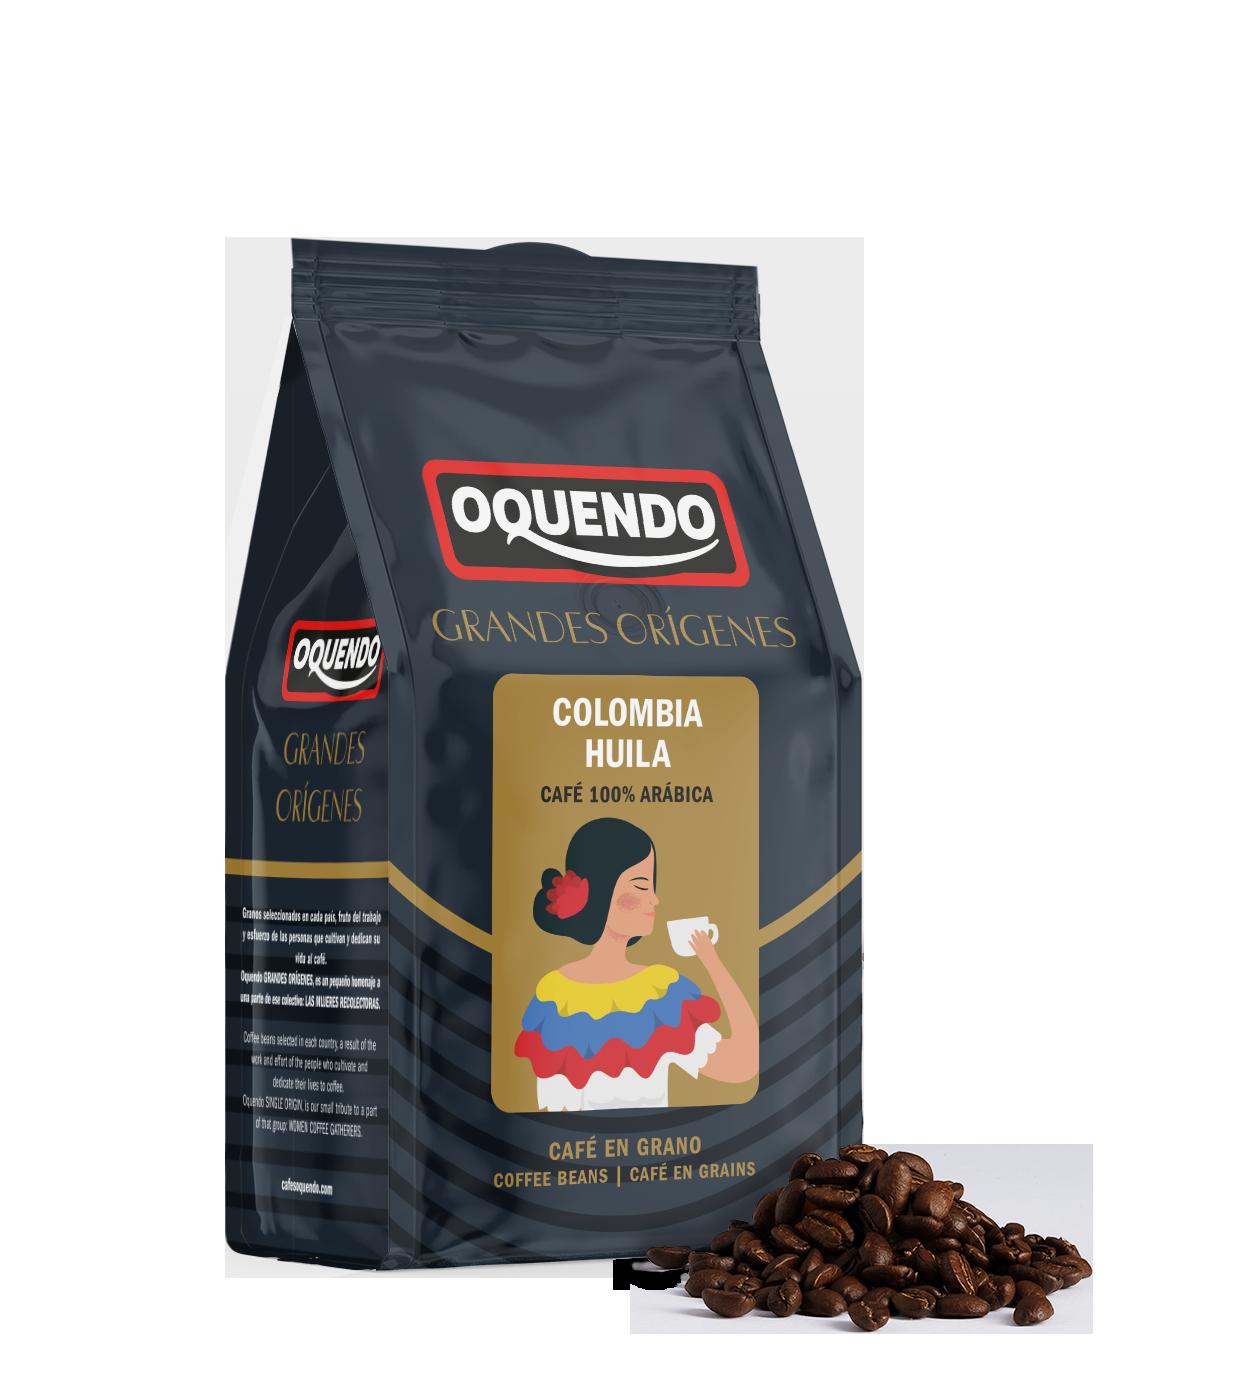 OQUENDO-GRANO250-COLOM2020